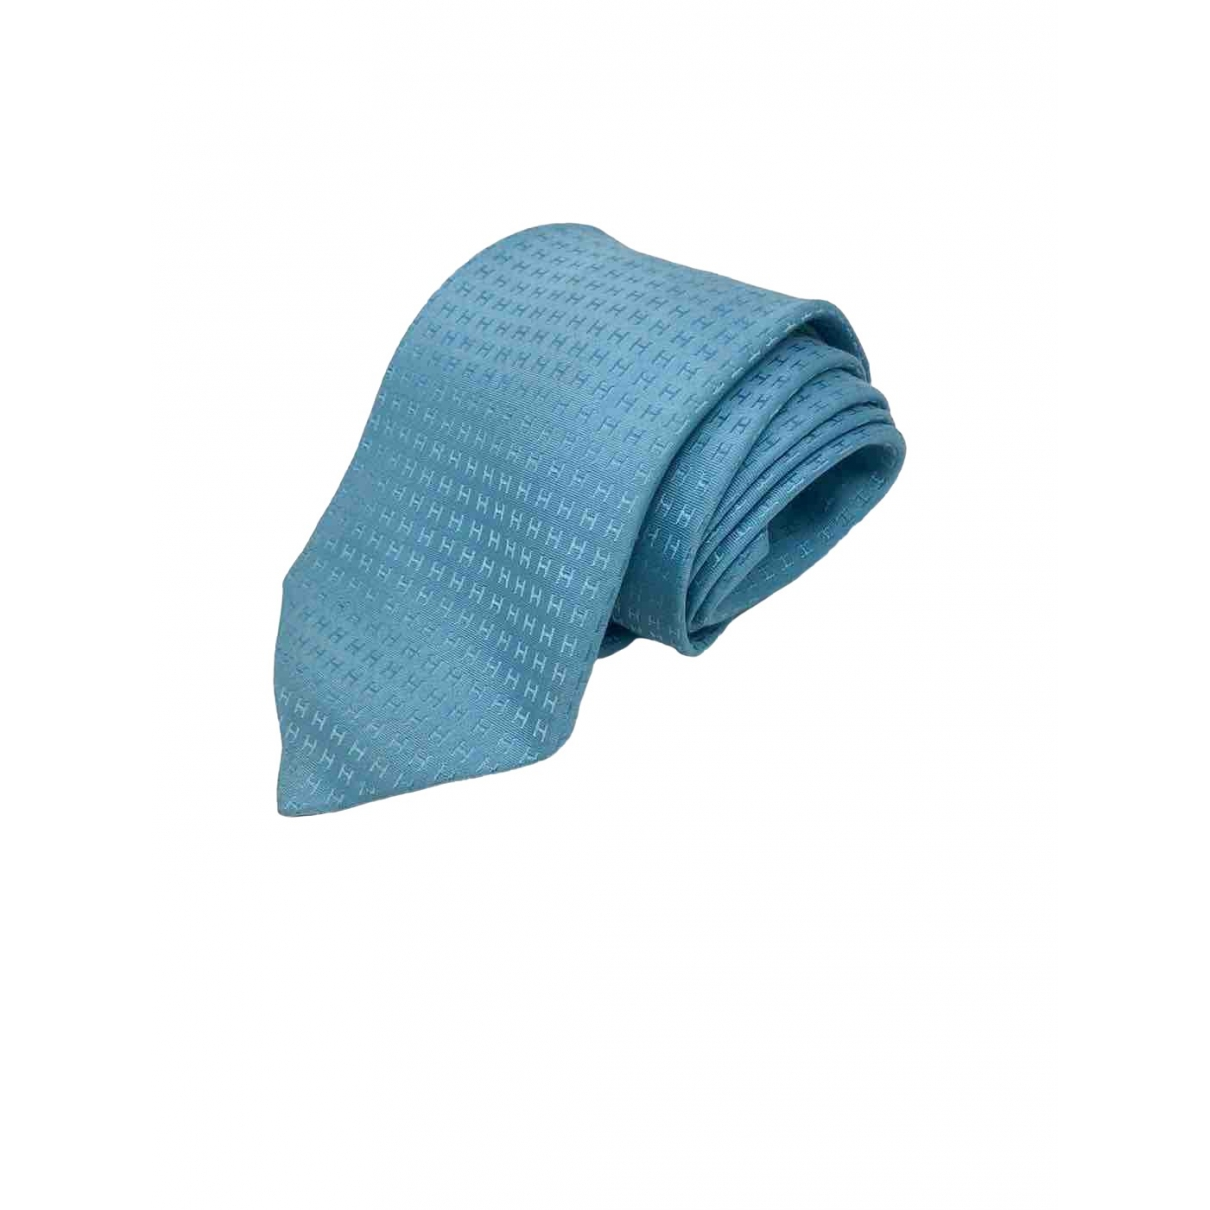 Hermes - Cravates   pour homme en soie - turquoise